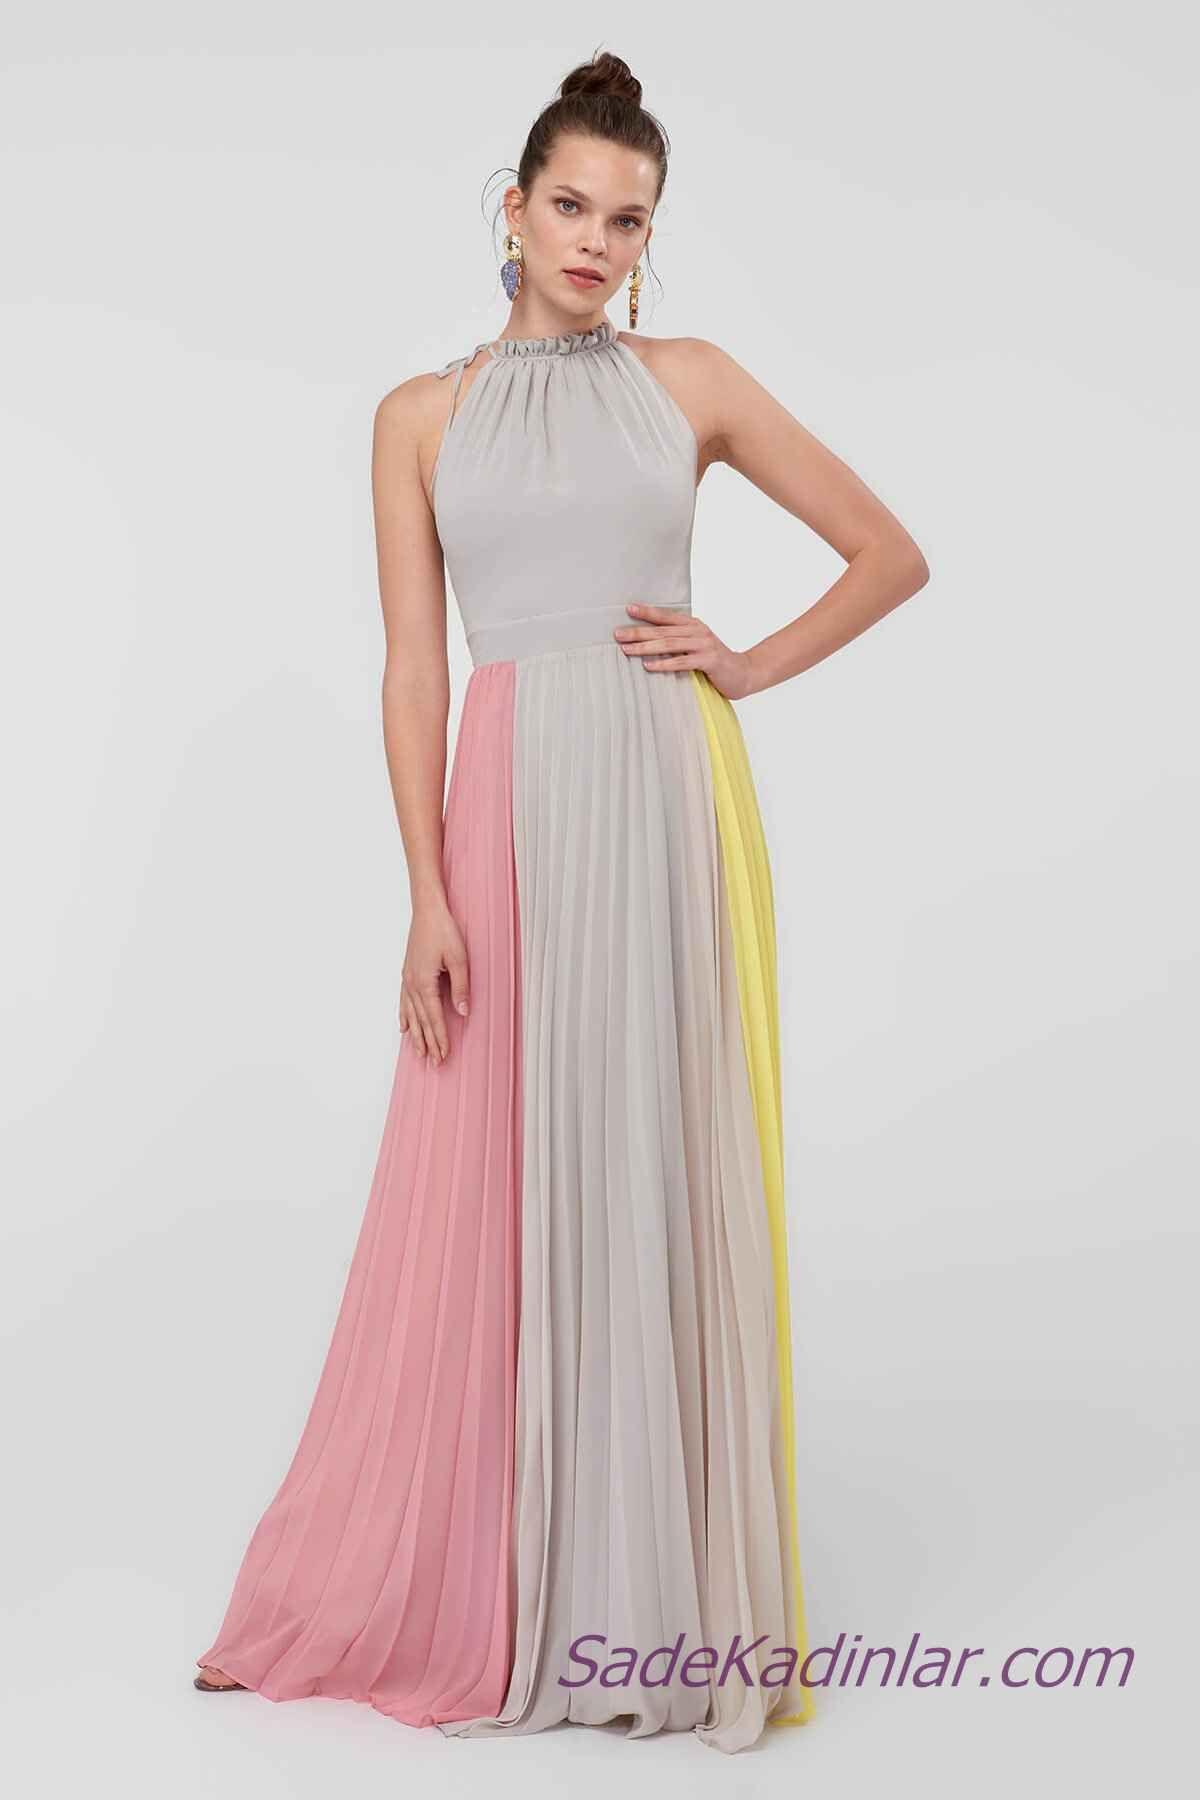 2021 Abiye Elbise Modelleri Gri Uzun Halter Yaka Sari Ve Pembe Renk Bloklu Elbise Modelleri Elbise The Dress